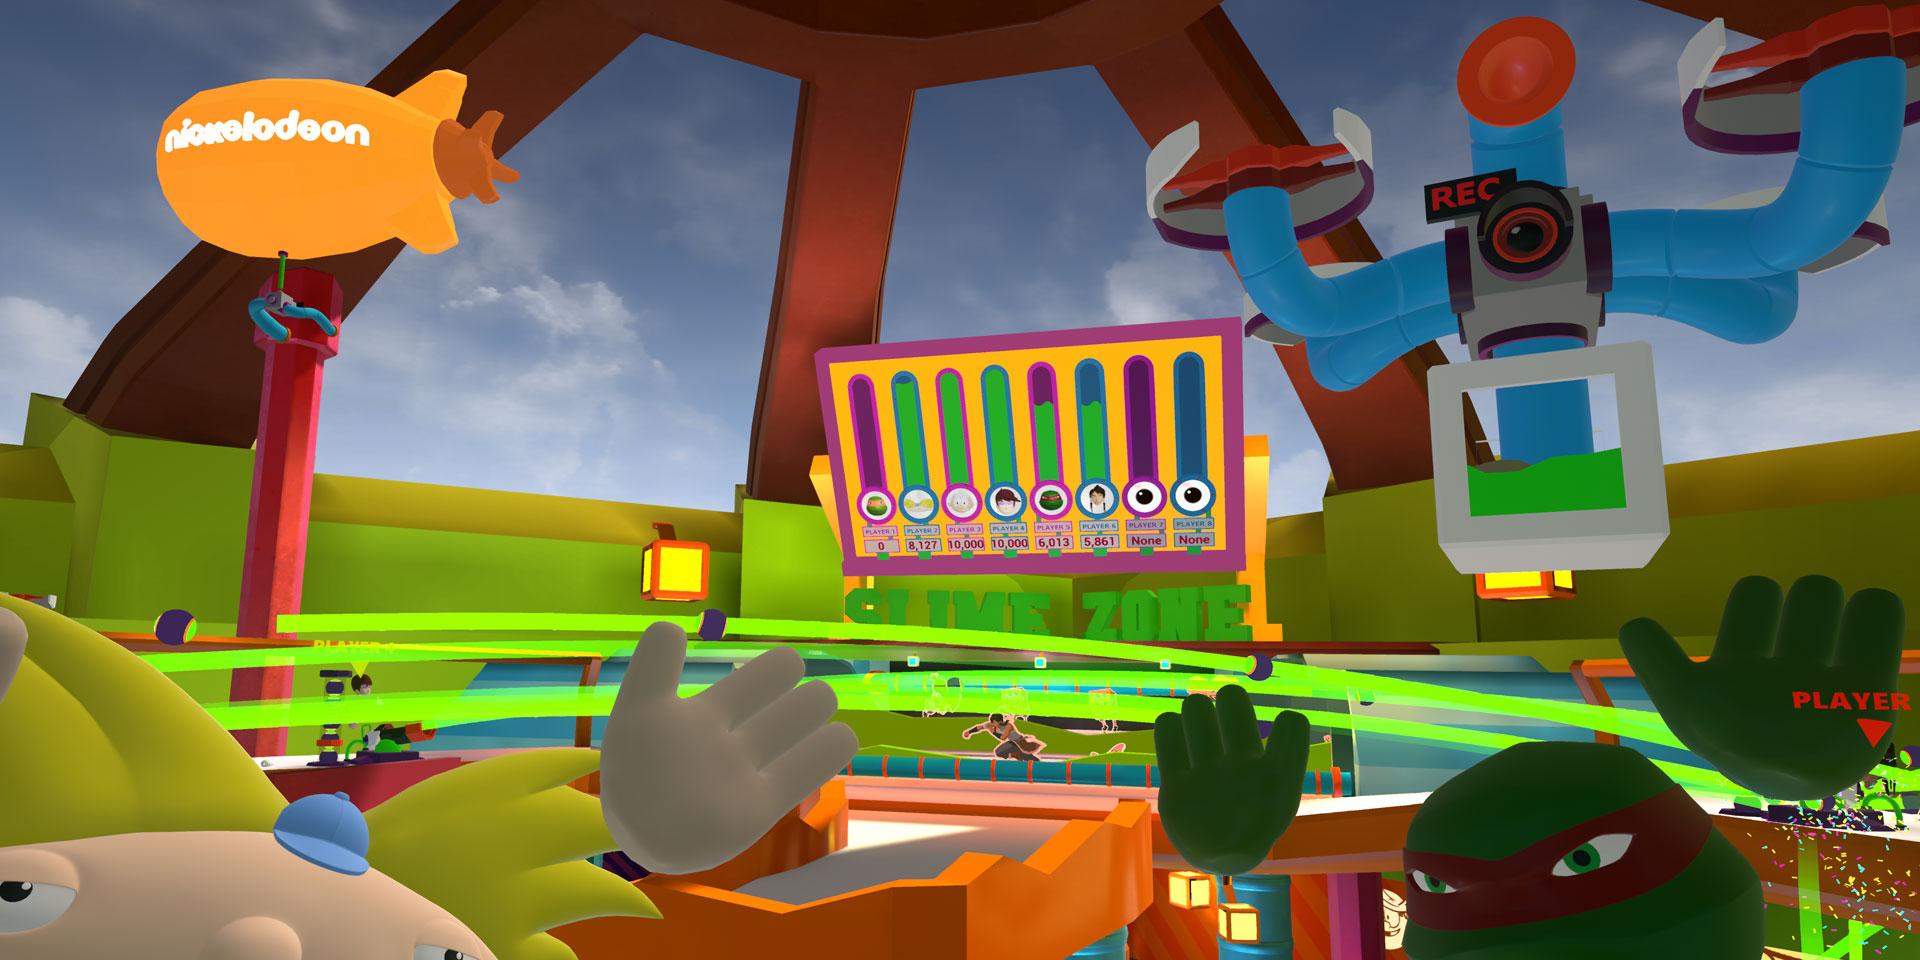 ニコロデオンの世界で遊べる『SlimeZone』 まずは MAX Center に初登場